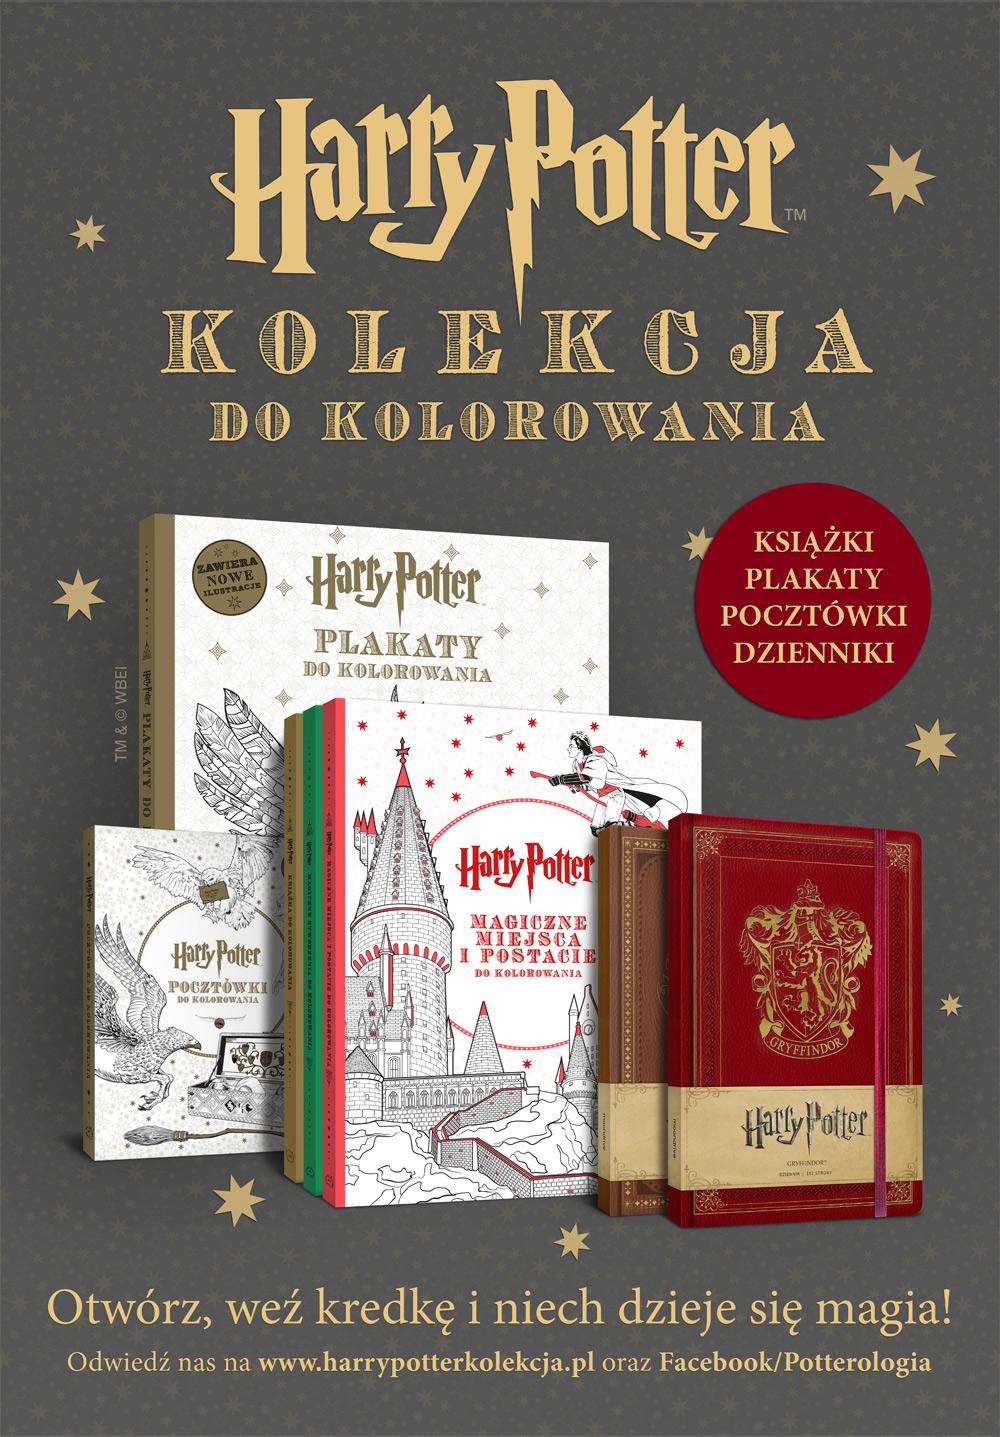 Zatracone W Innym świecie Weekend Z Harrym Potterem 22 23